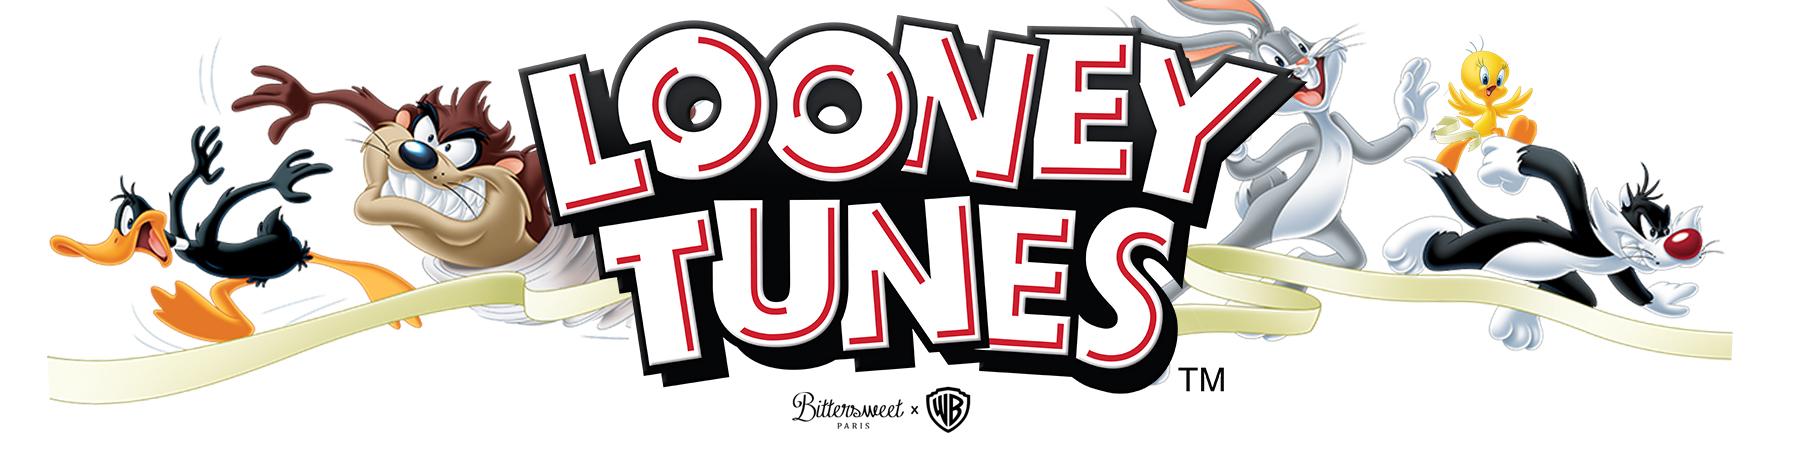 Looney Tunes LP HERO